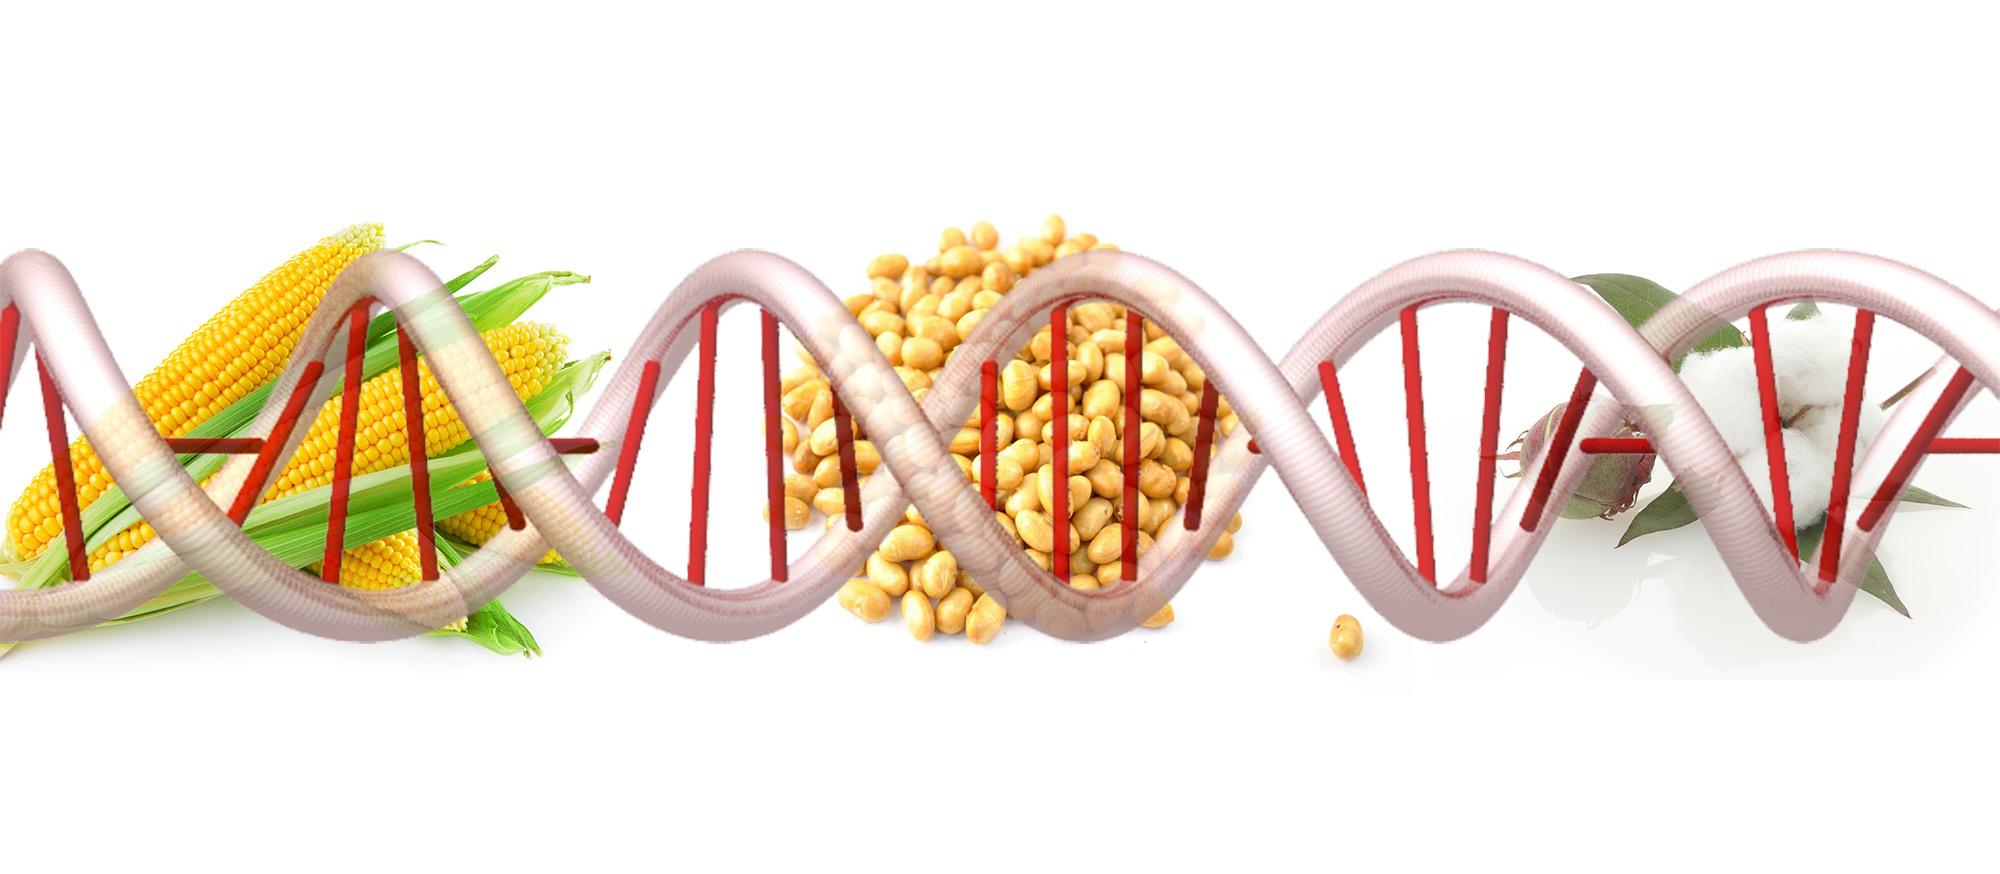 GMO or No?